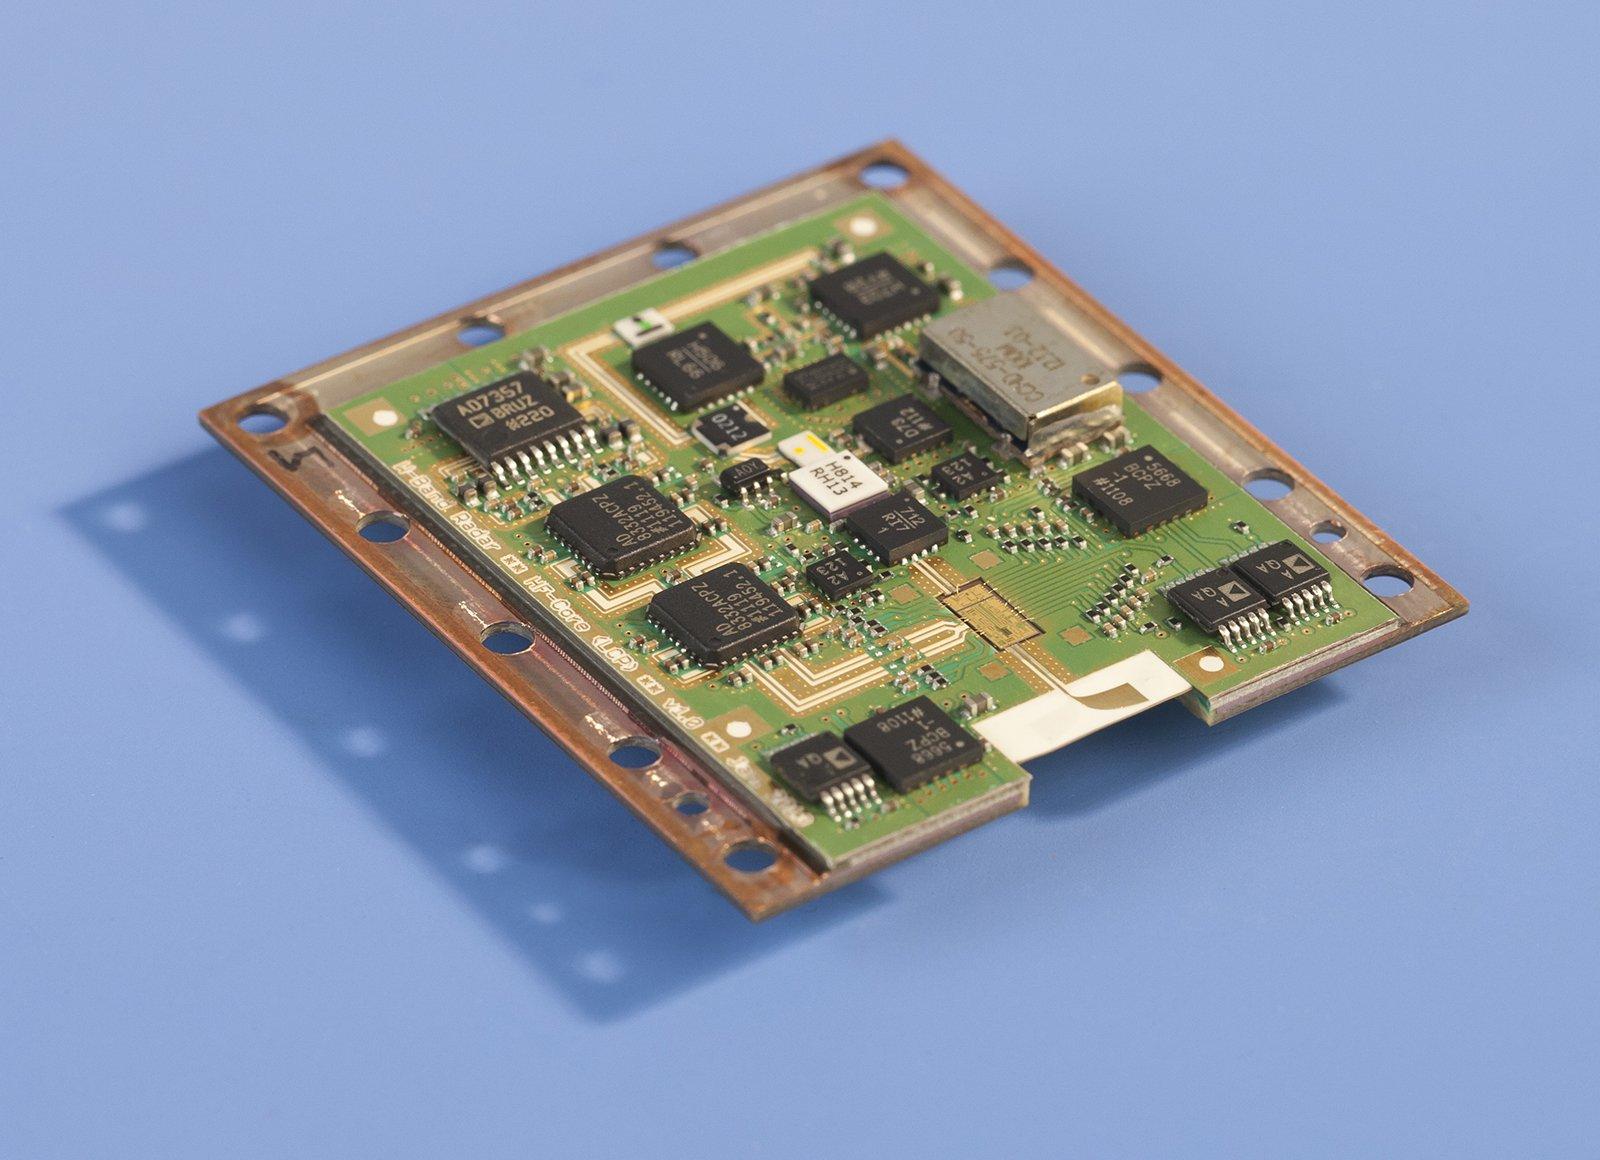 Das Hochfrequenzmodul ist auf einer 78x42x28 mm großen Platine integriert.